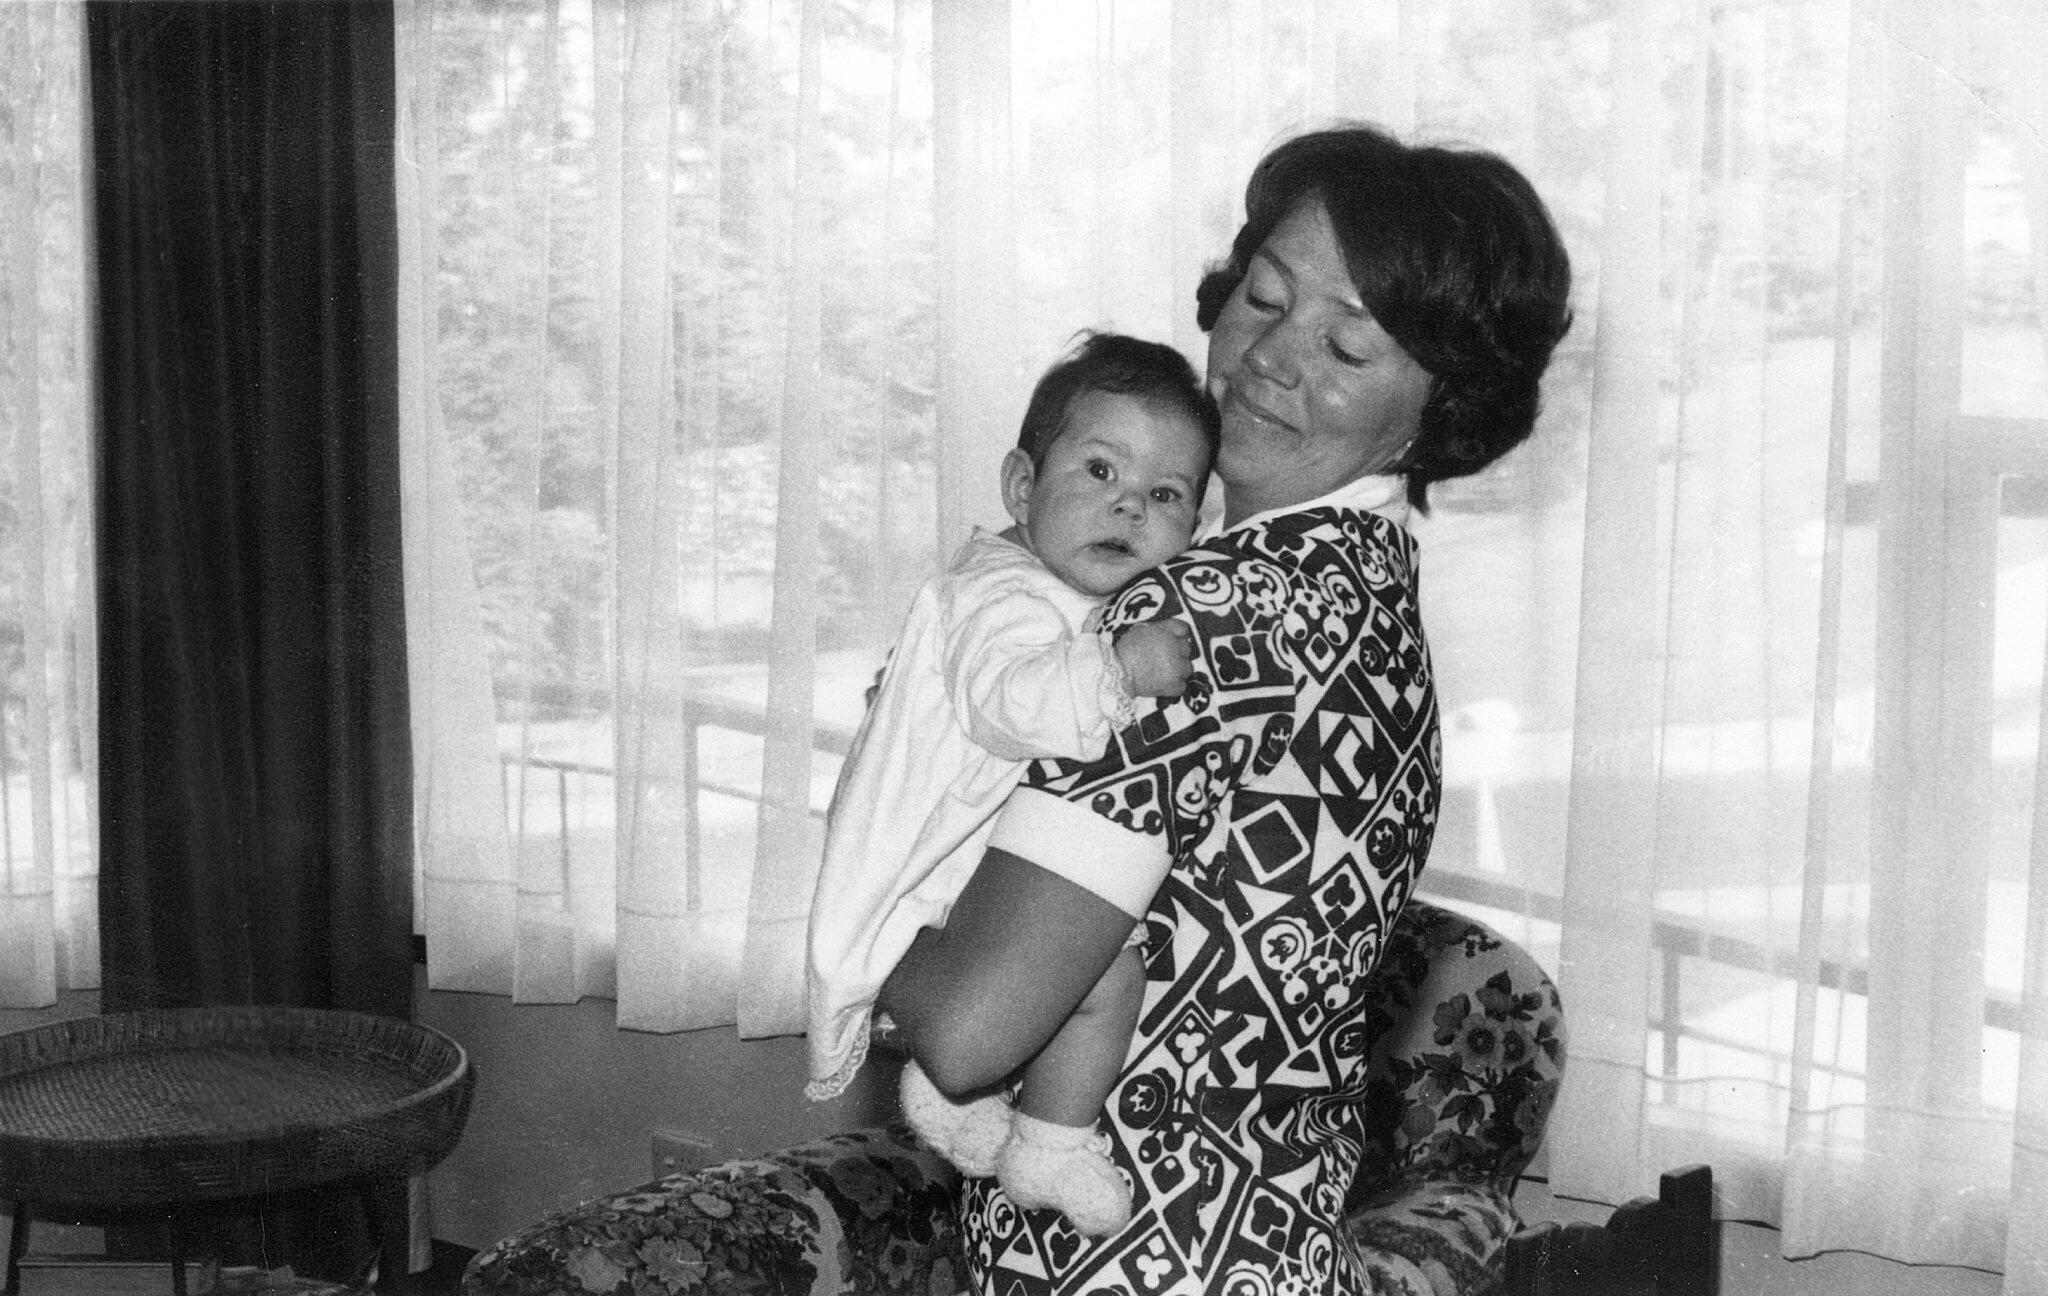 Kronprinzessin Mary als Baby mit ihrer Mutter Henrietta. © epa-Bildfunk